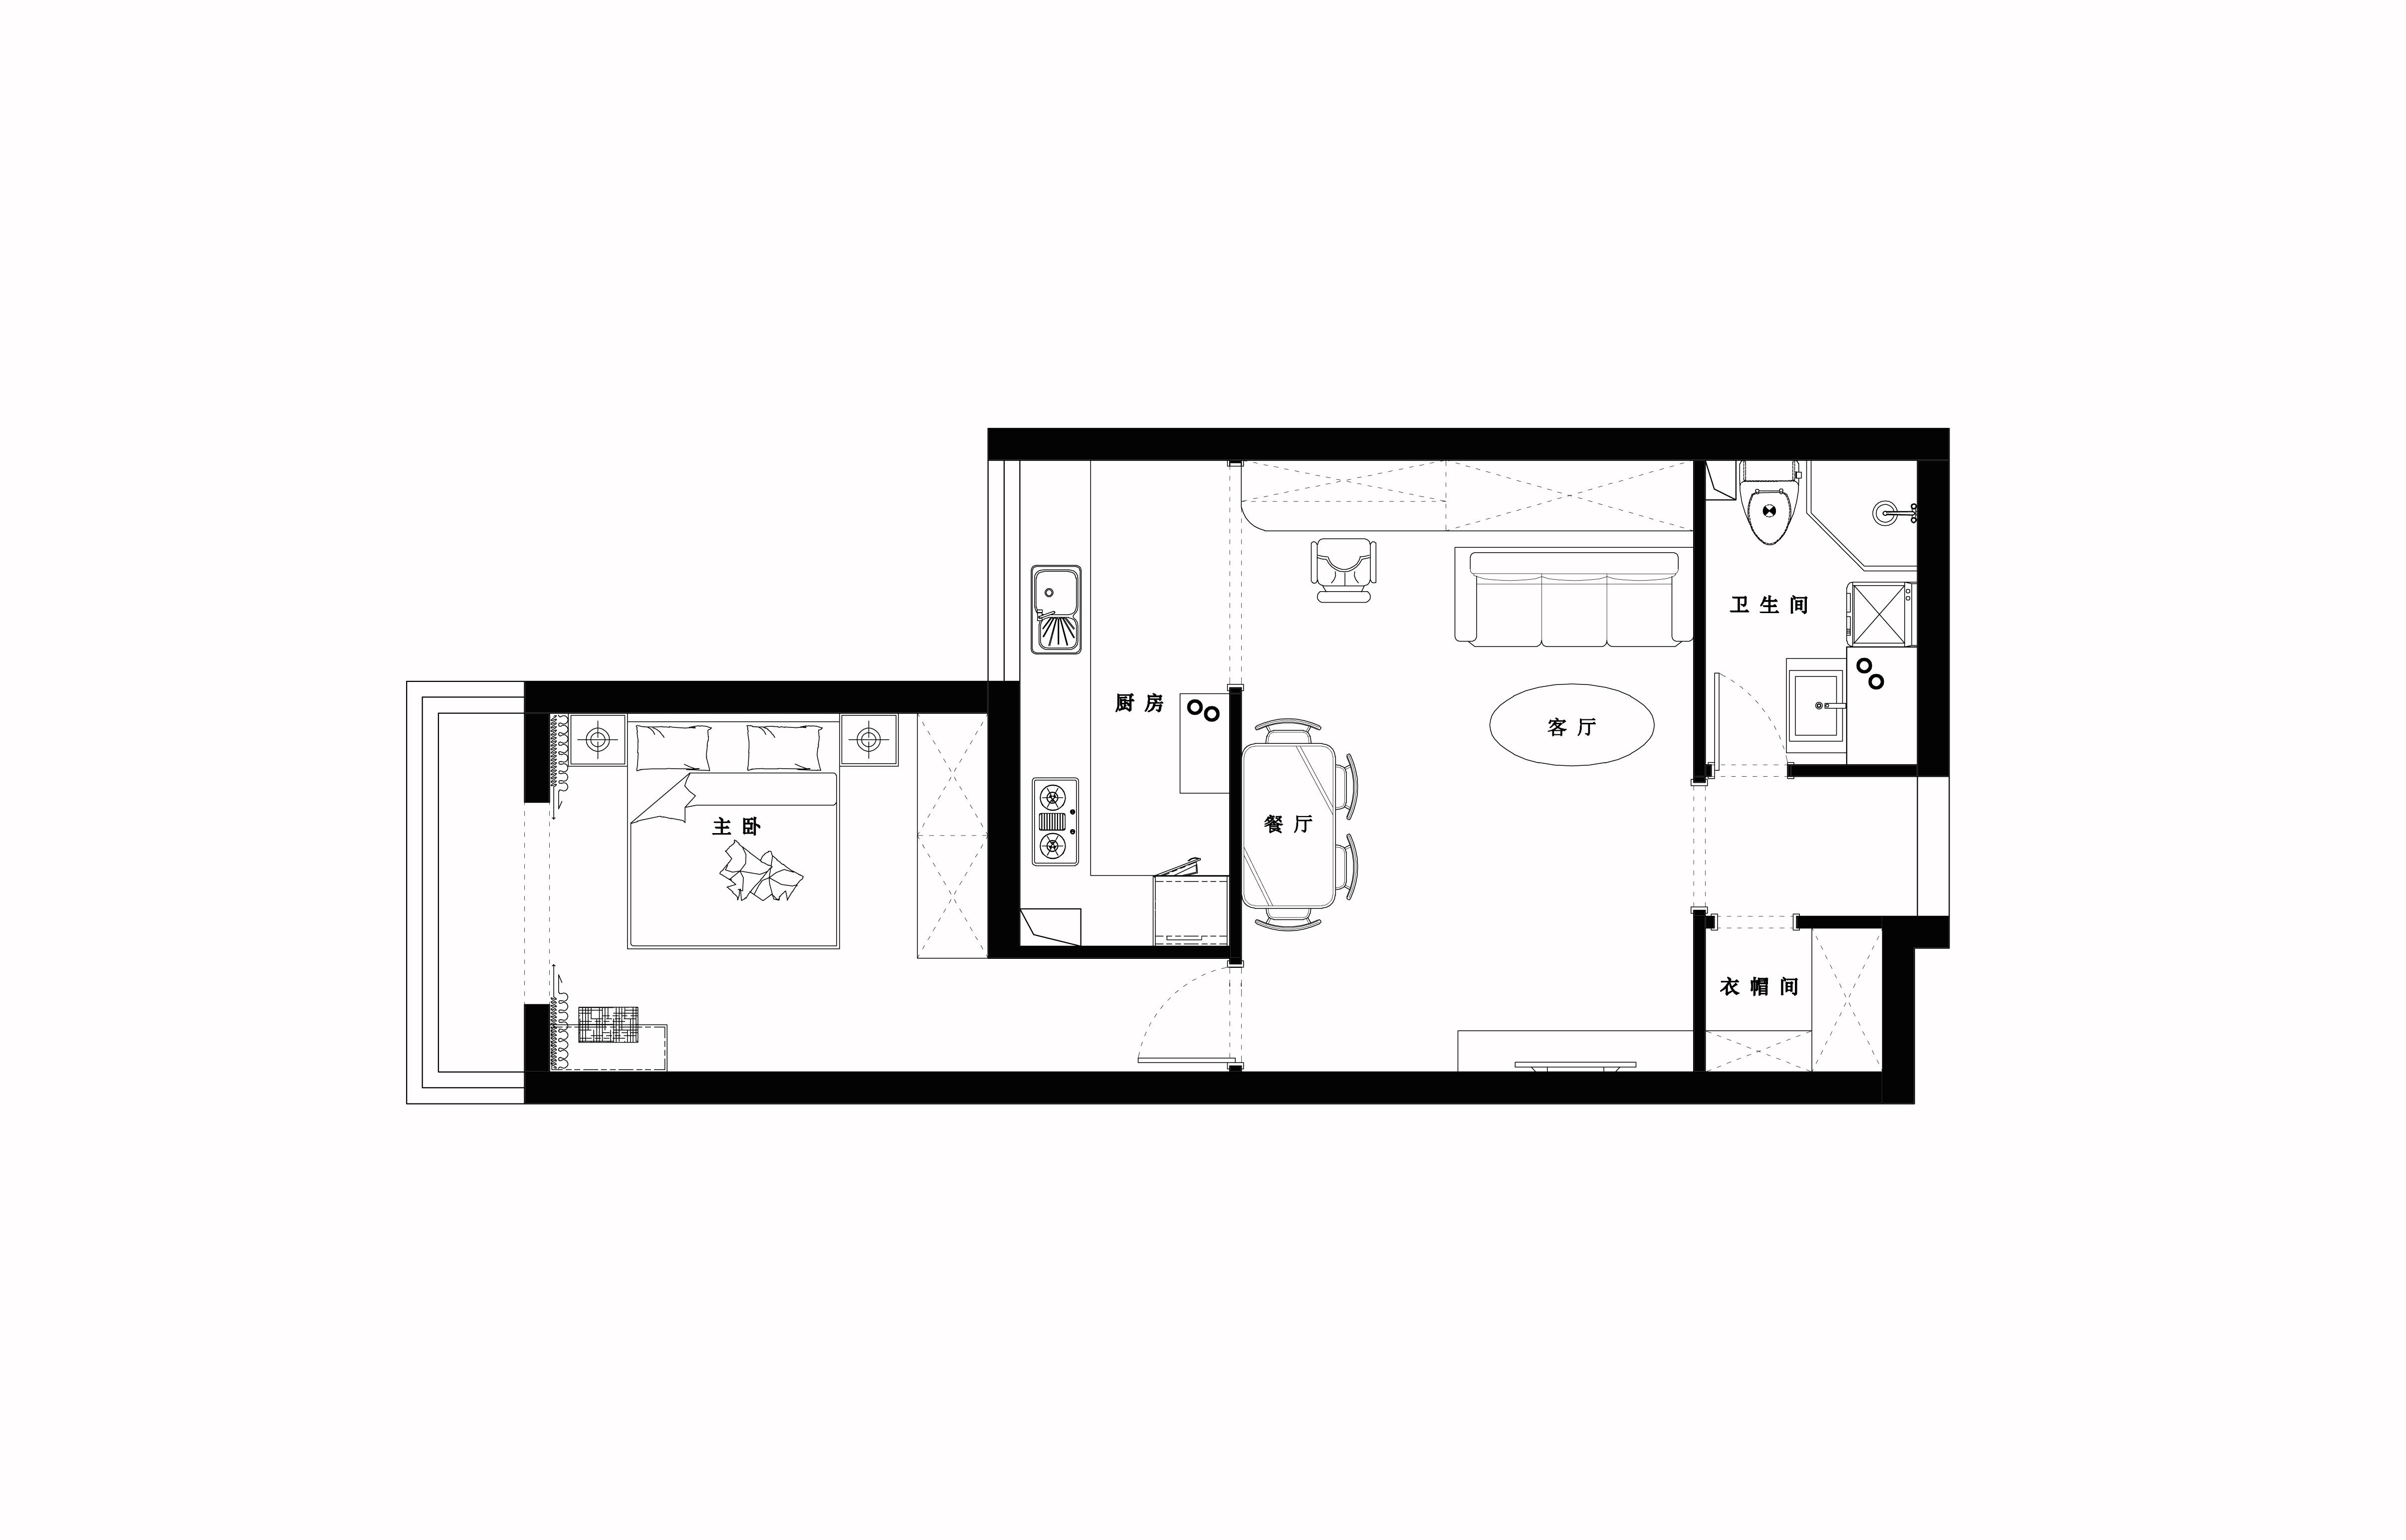 金桥国际公寓-73平米-美式装修设计理念